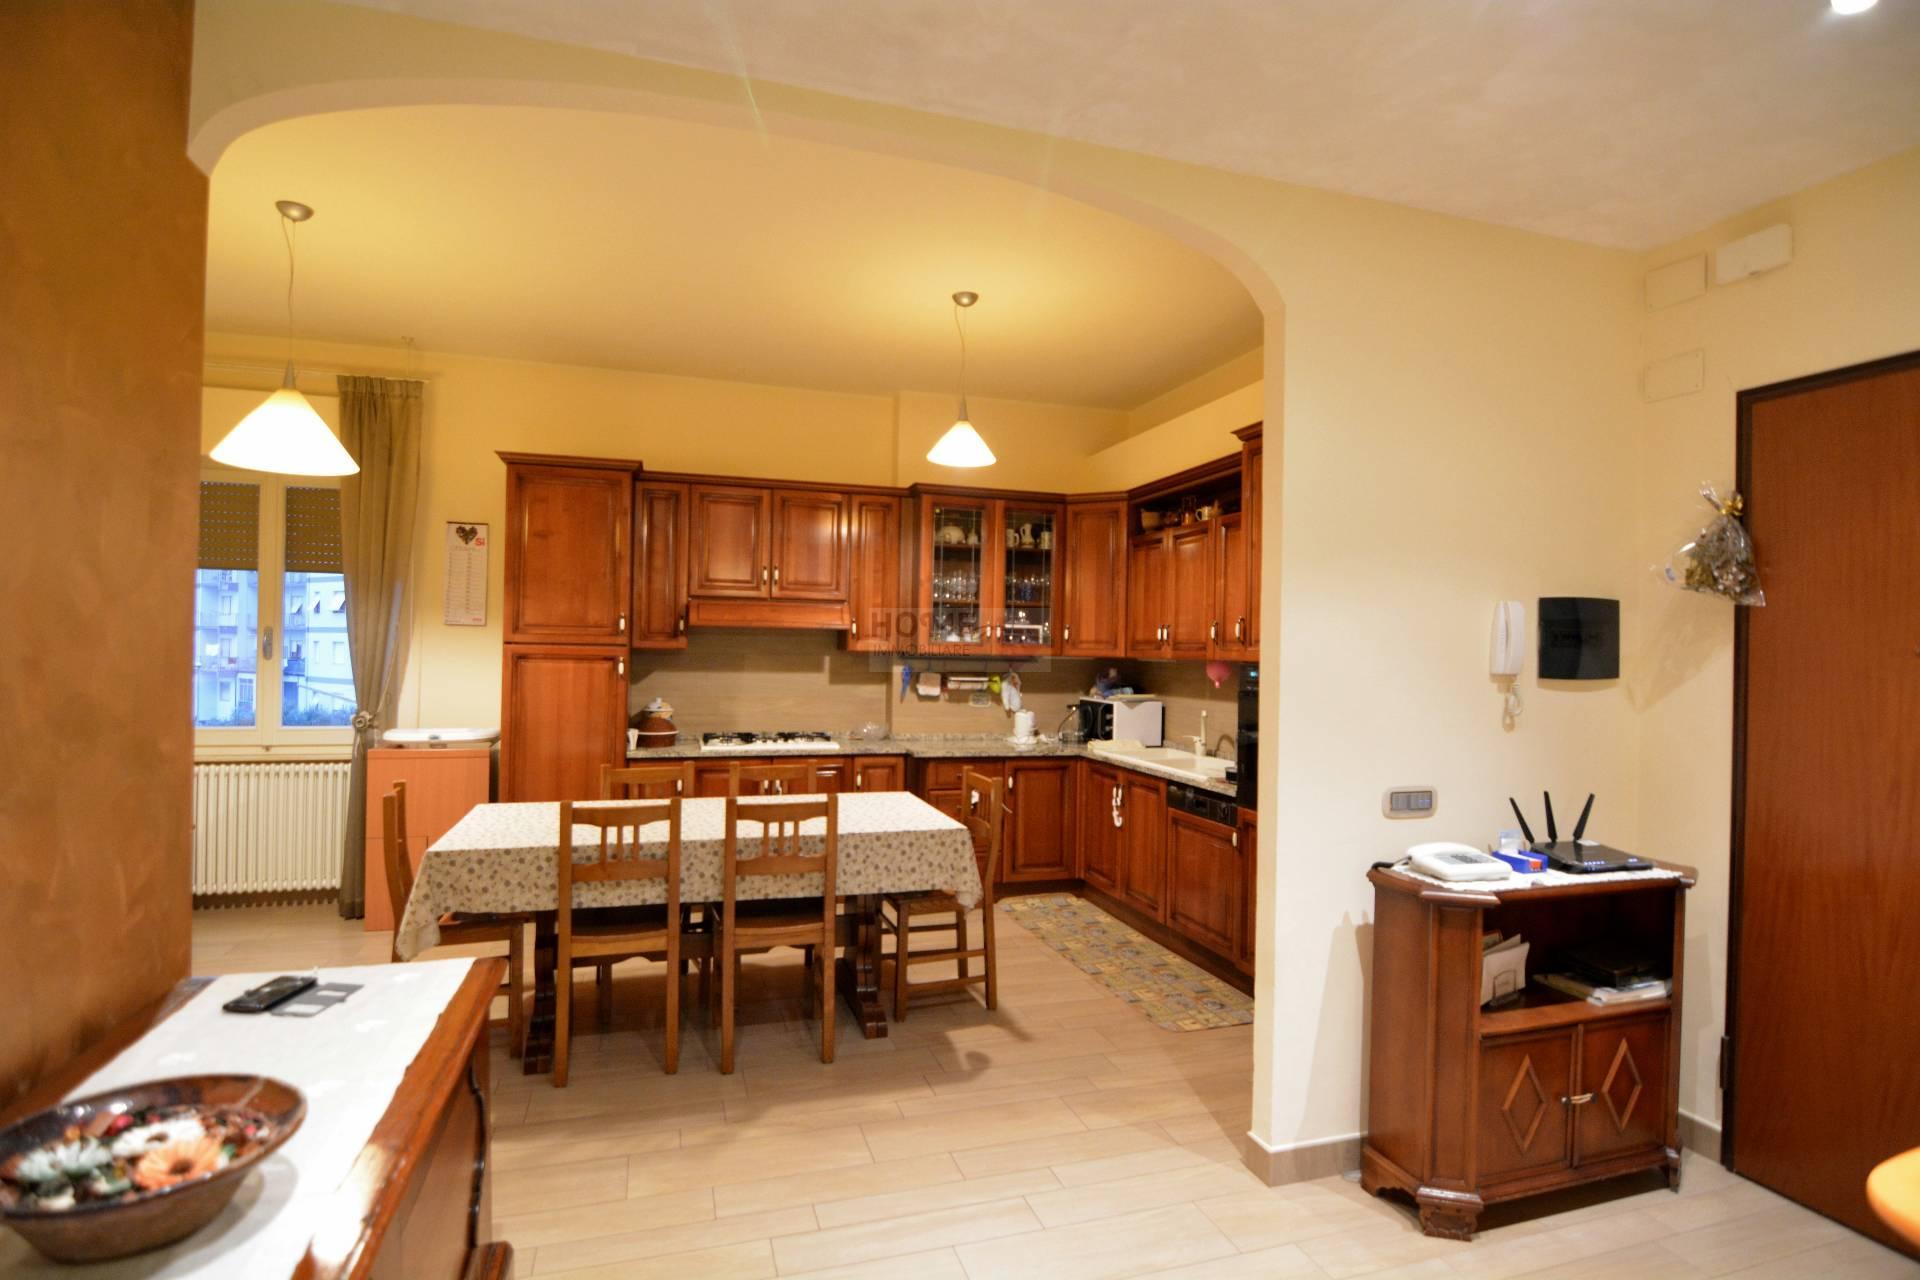 Appartamento in vendita a Macerata, 6 locali, zona Zona: Semicentrale, prezzo € 140.000 | Cambio Casa.it